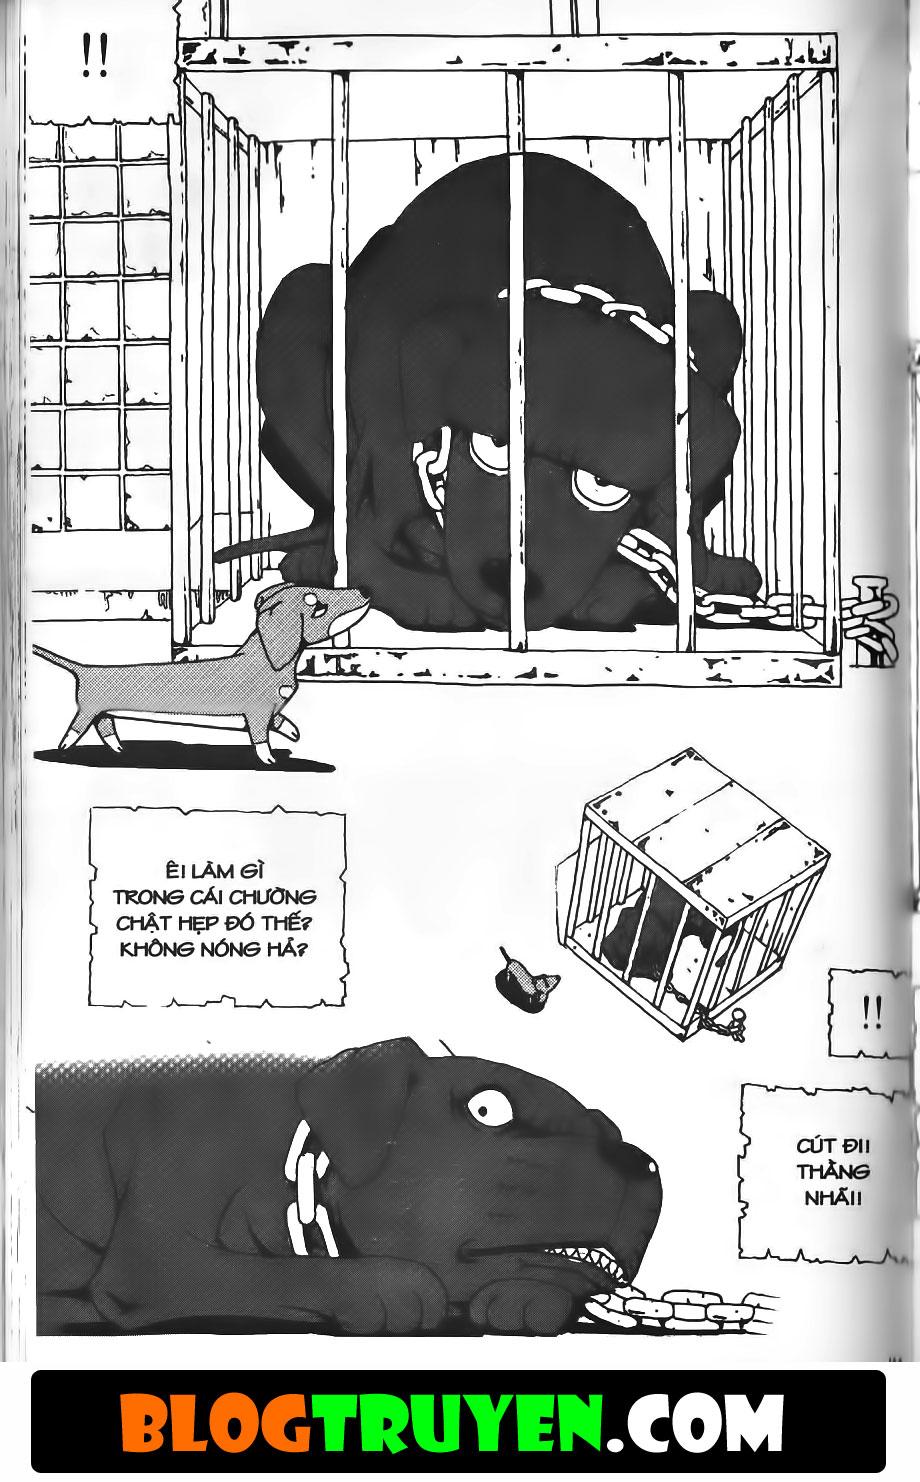 Bitagi - Anh chàng ngổ ngáo chap 182 trang 22